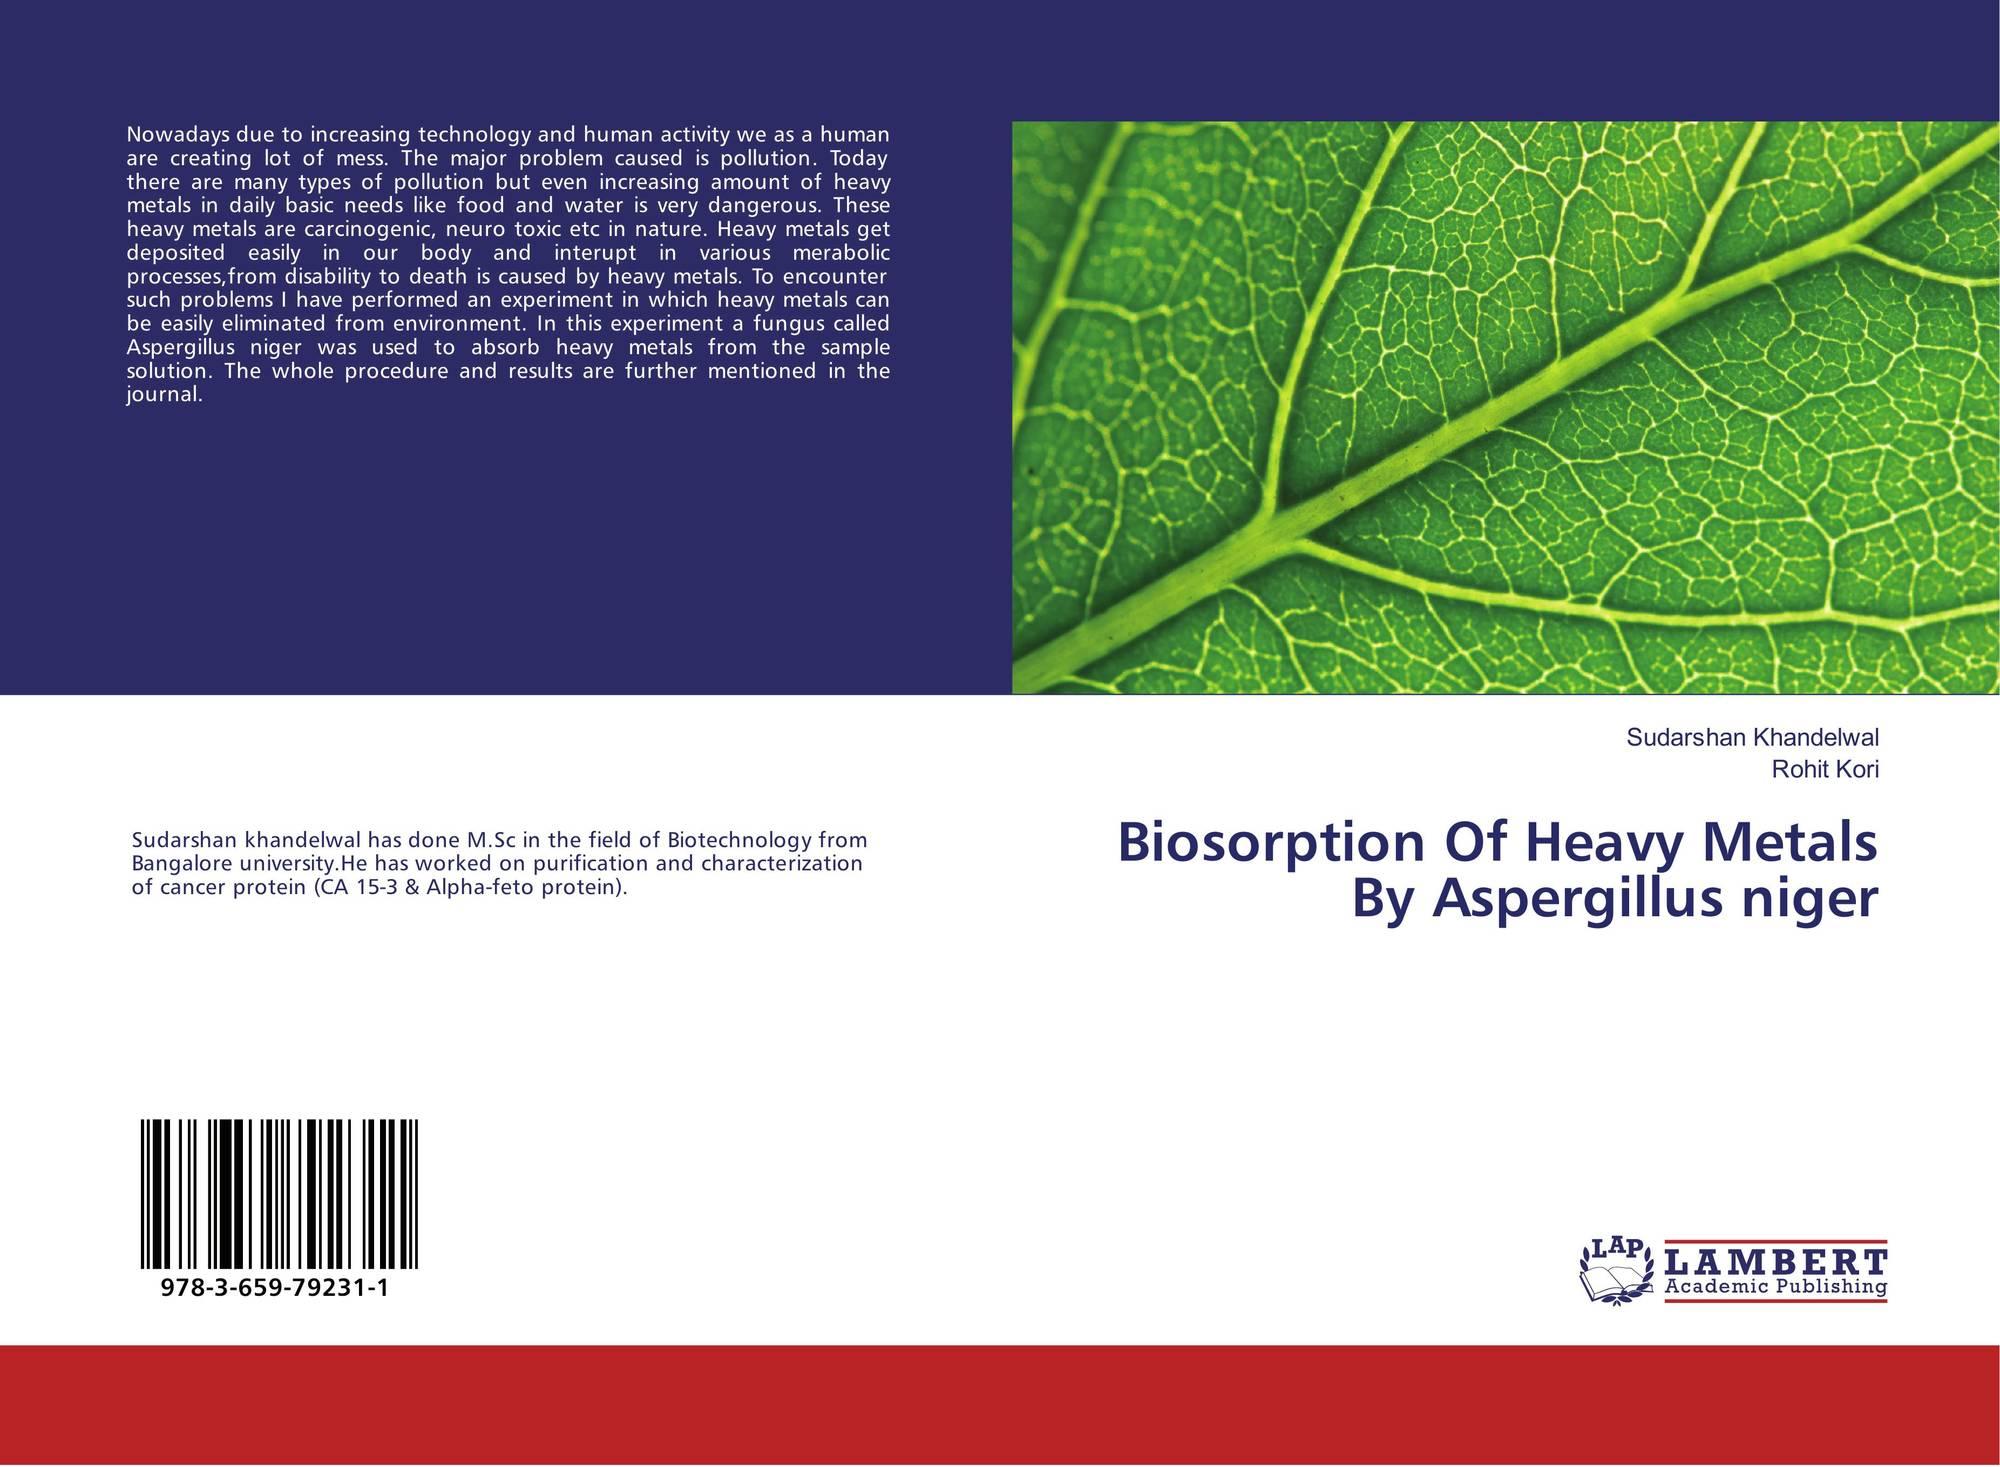 biosorption of heavy metals Biosorption of heavy metals by dead streptomyces fradiae anna simeonova , tsonka godjevargova , danka ivanova environmental engineering science 2008 25 (5), 627-634.